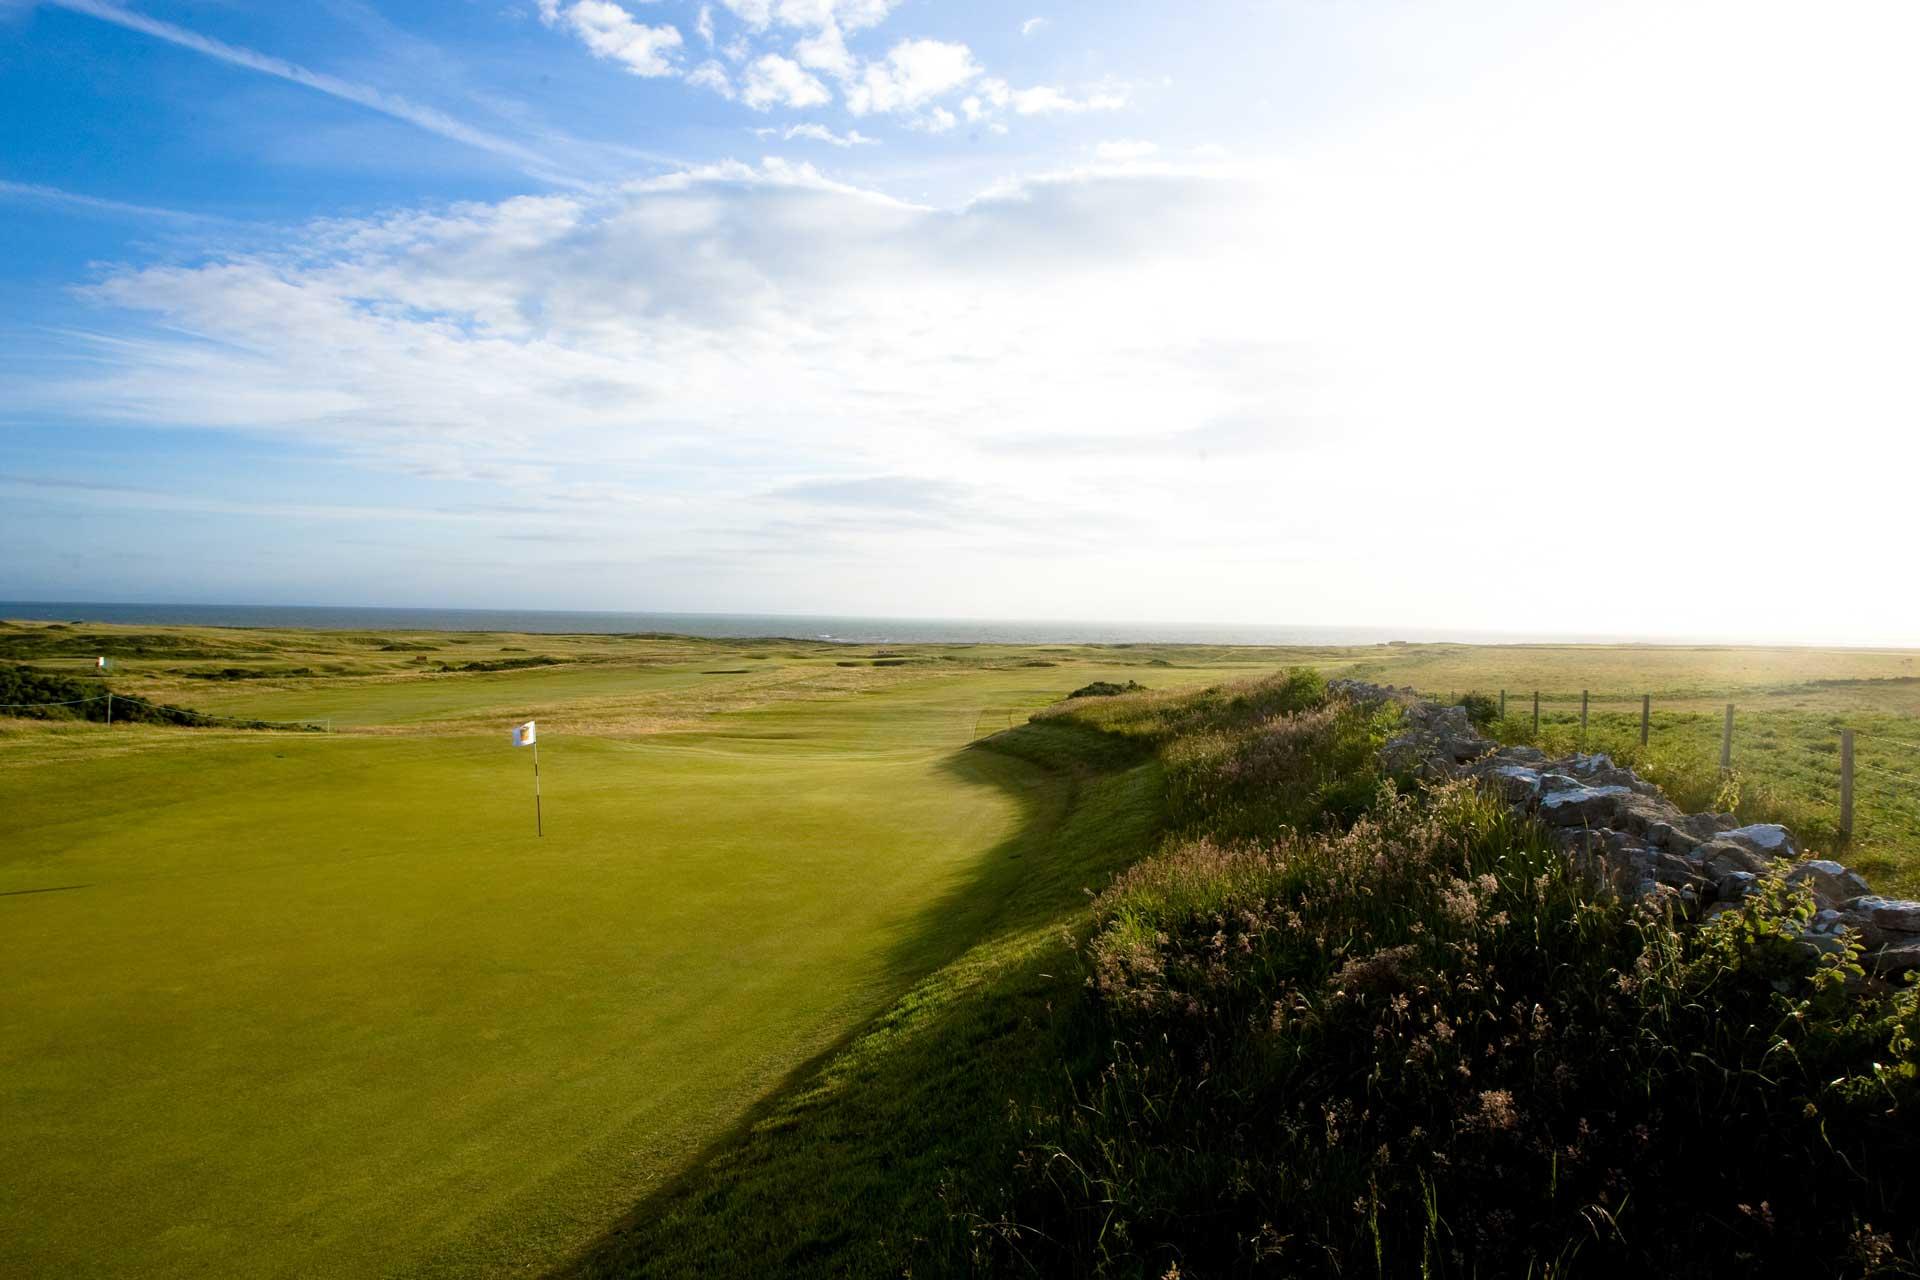 Golygfeydd pellgyrhaeddol yng Nghlwb Golff Brenhinol Porthcawl